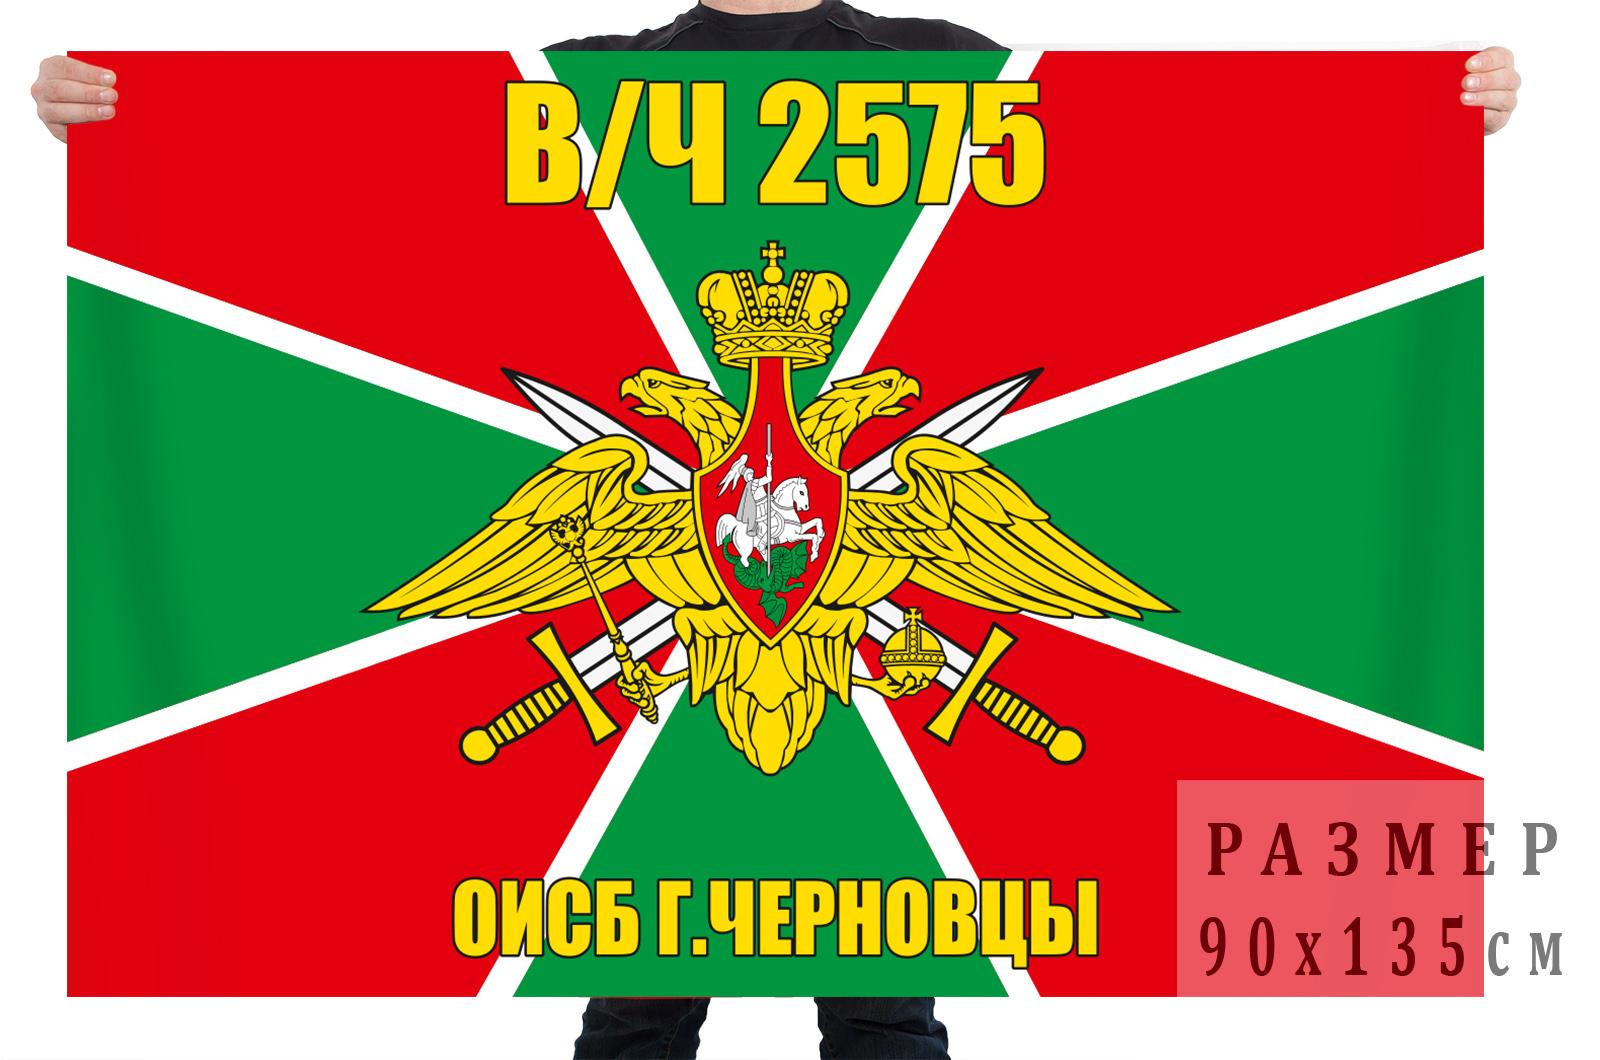 Флаг в/ч 2575 ОИСБ г.Черновцы